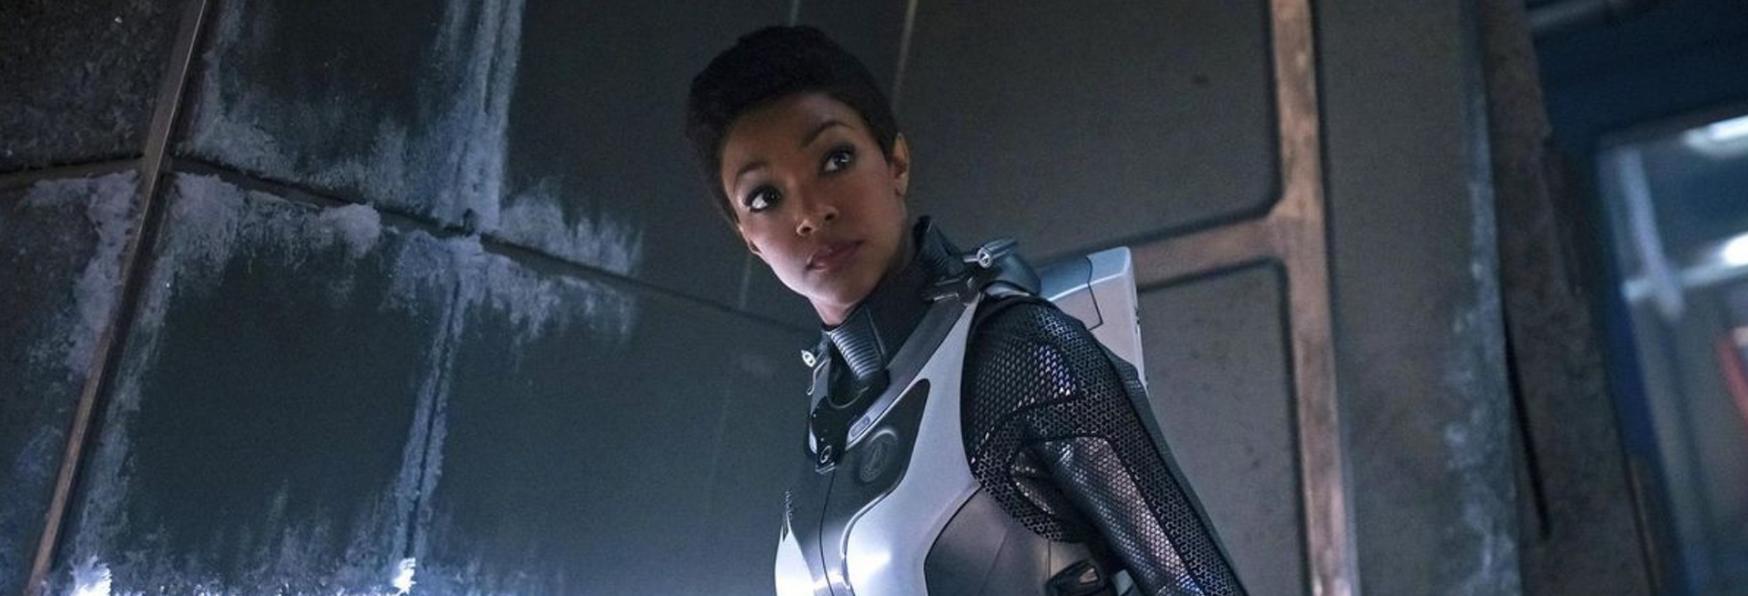 Star Trek: Discovery 3 - Trama, Cast, Data, Trailer e altre Info sulla nuova Stagione